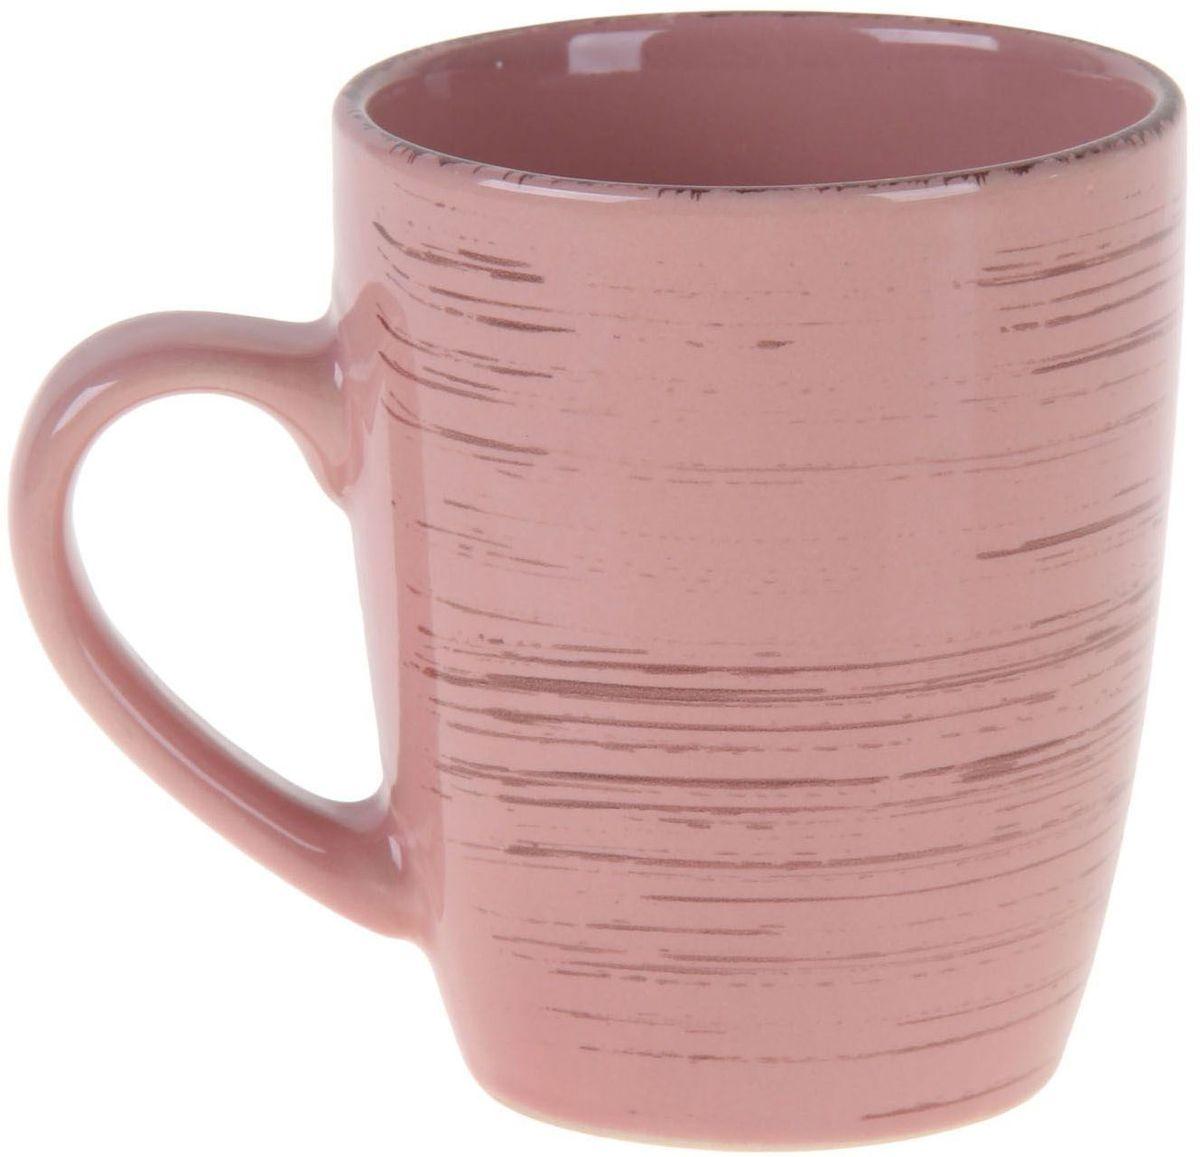 Кружка Доляна Пастель, цвет: розовый, бежевый, 300 мл103326Кружка Доляна Пастель изготовлена из качественной прочной керамики с глазурованным покрытием. Поверхность устойчива к сколам и царапинам, а цвет сохраняет насыщенность при долговременном использовании. Традиционный стиль и приятный цвет делают предмет подходящим для домашнего и профессионального использования. Кружка станет любимым аксессуаром на долгие годы. Относитесь к изделию бережно, и оно будет дарить прекрасное настроение каждый день. Легко моется в посудомоечной машине, можно ставить в холодильник и СВЧ-печь.